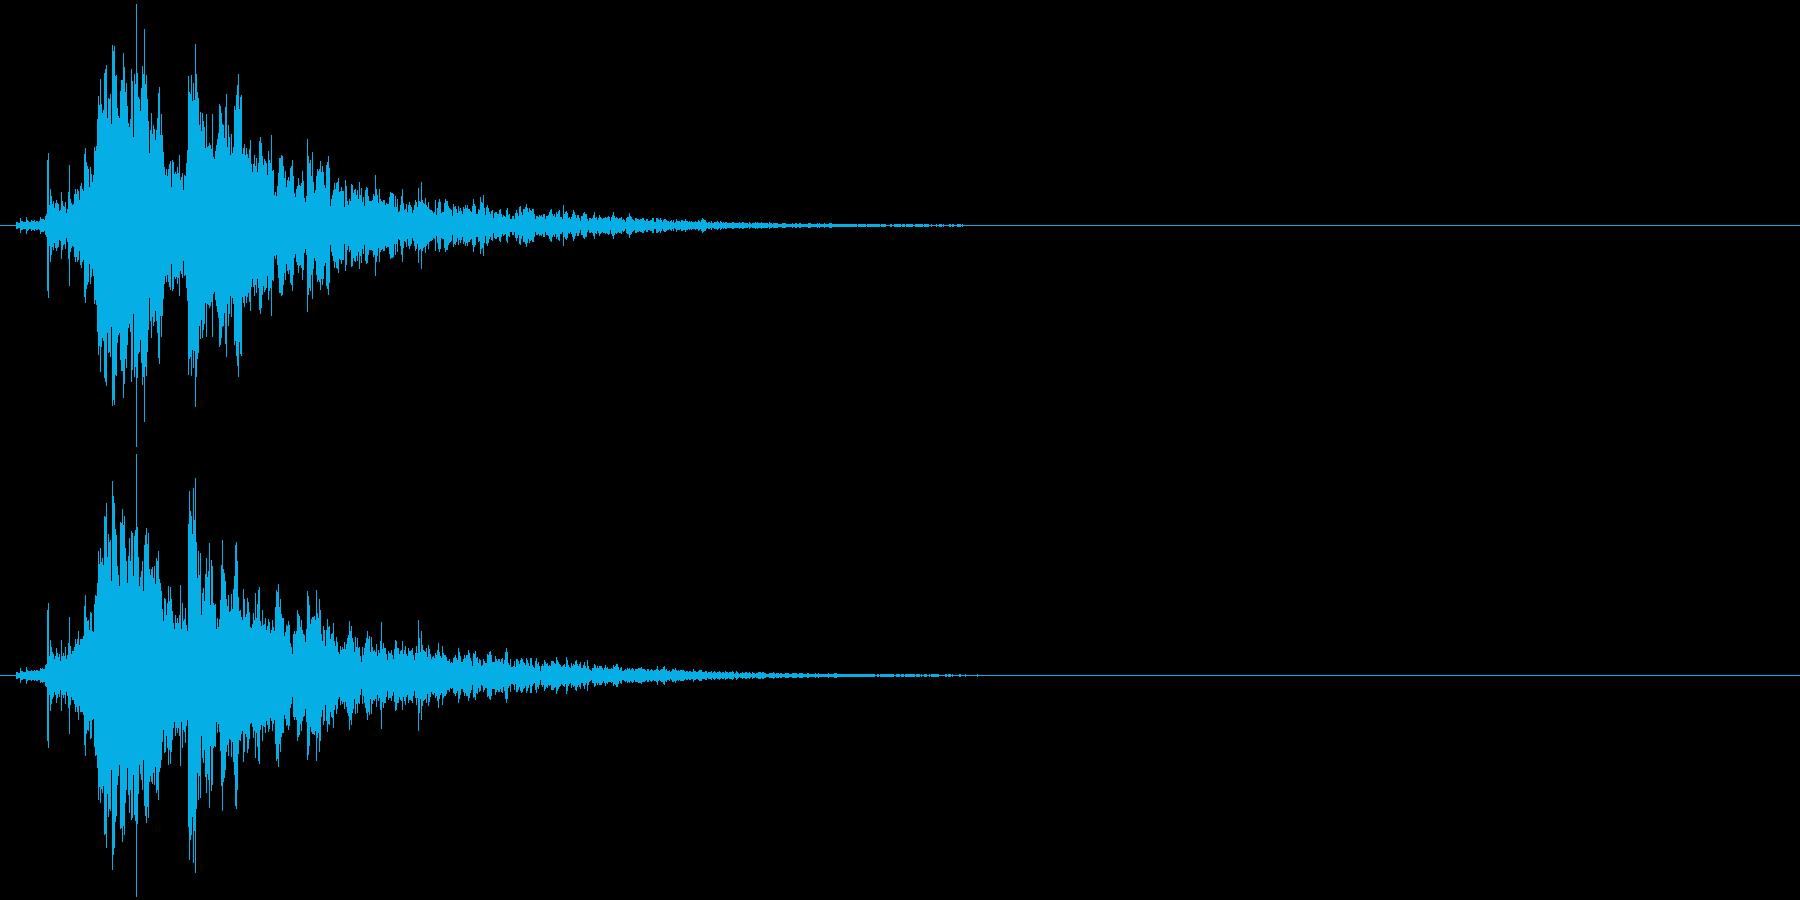 「シャラーン!」象徴的な鈴の音+リバーブの再生済みの波形